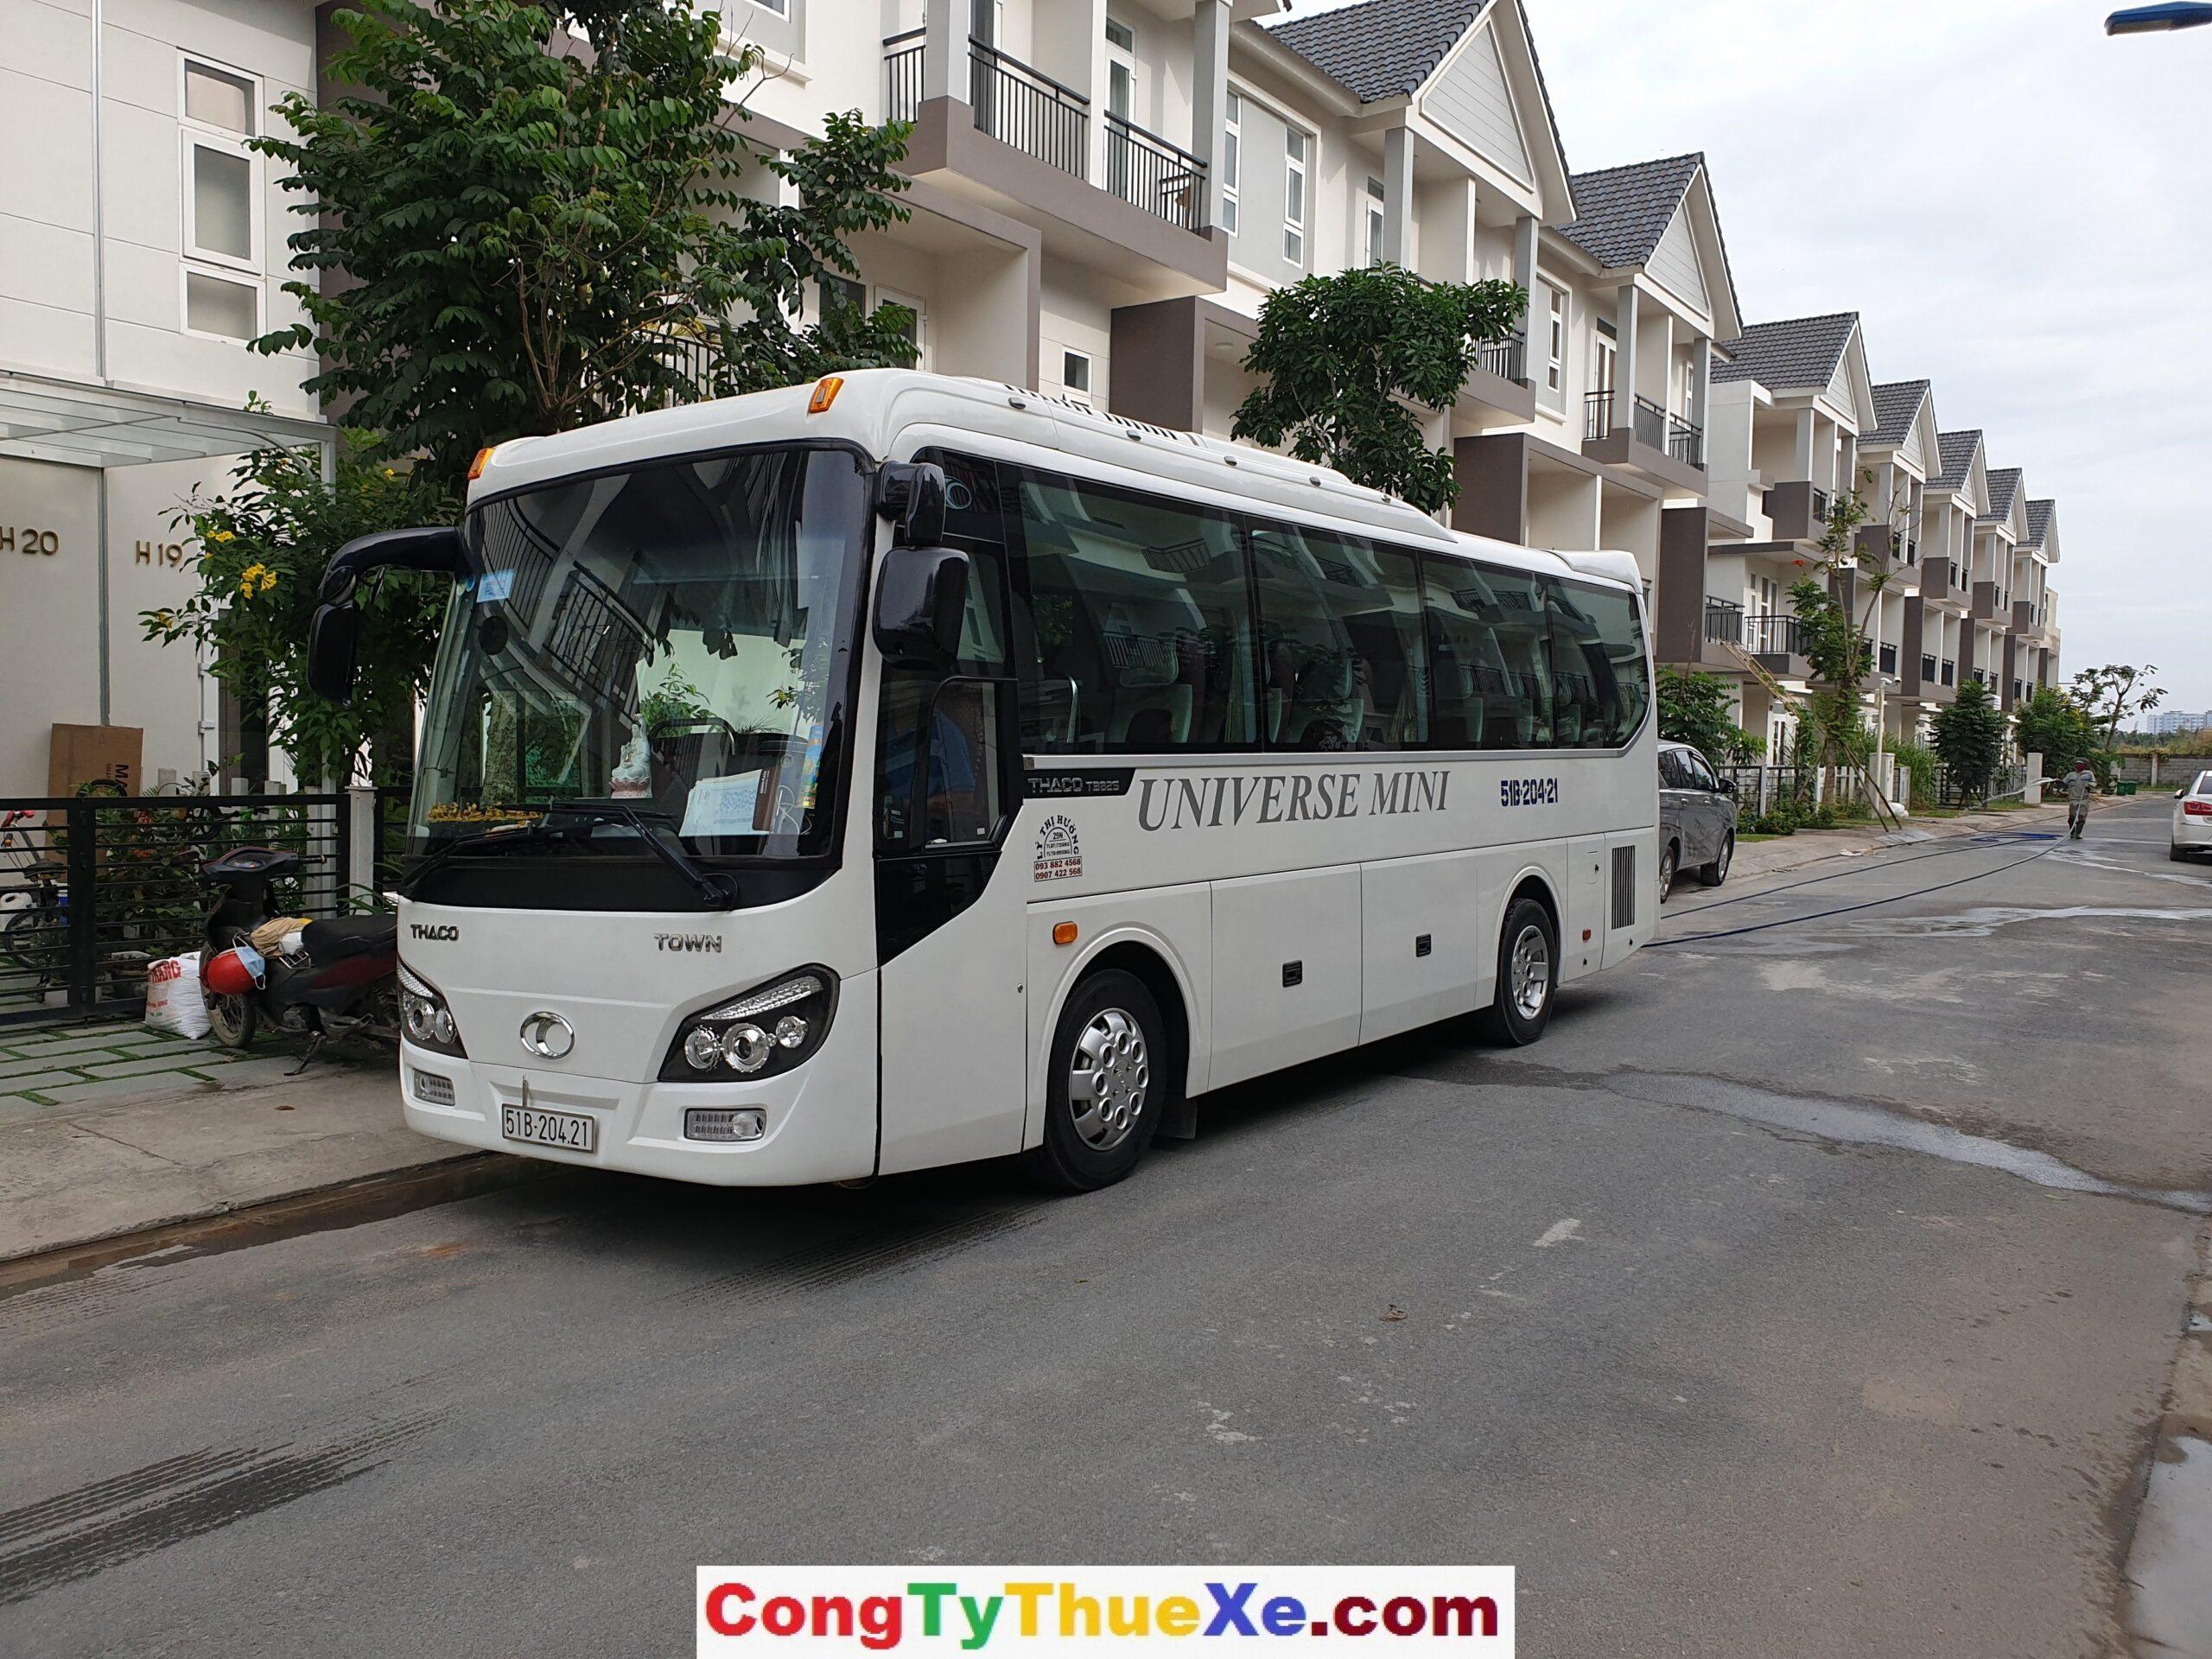 Thuê xe đi dịp Tết Nguyên Đán 2019